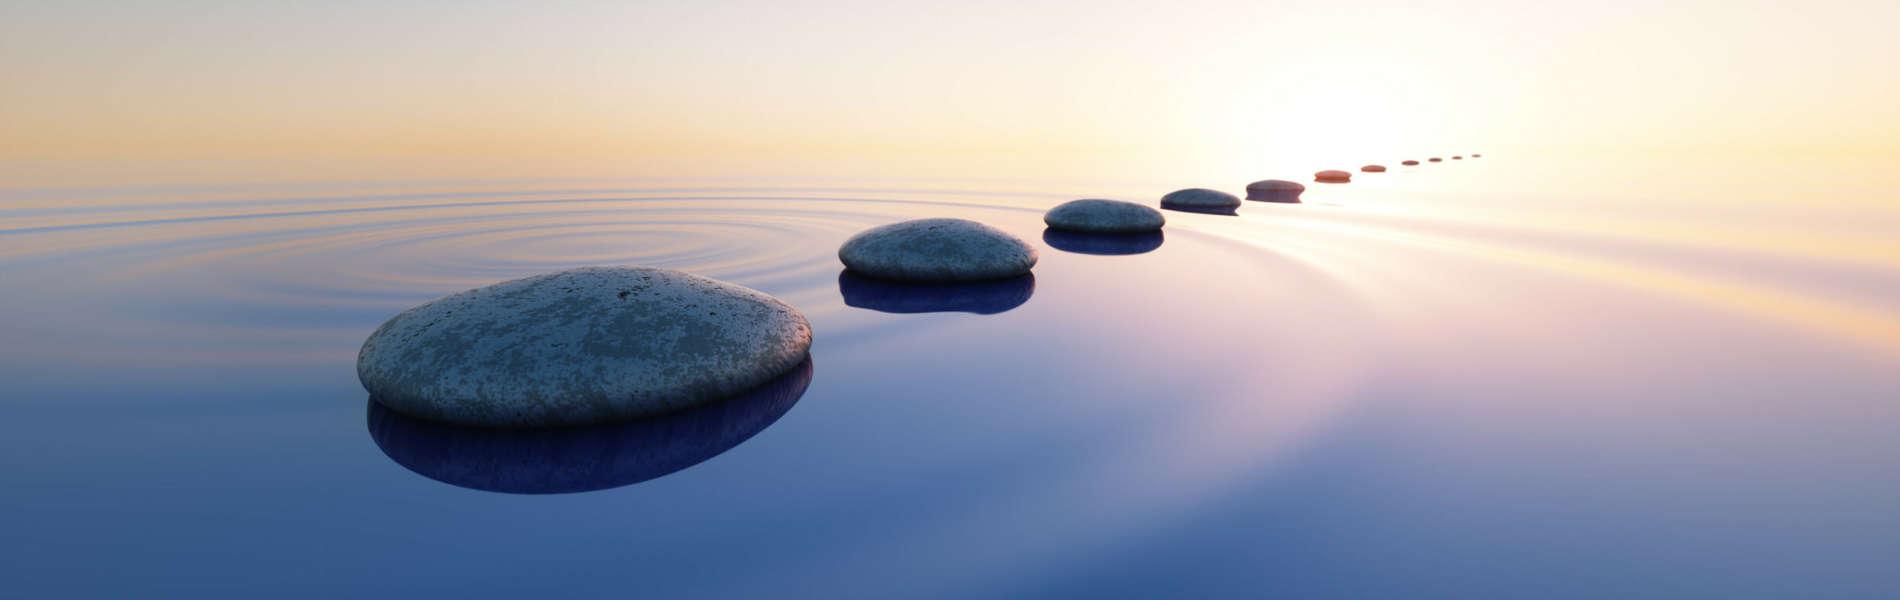 Steine im See - Hypnose Feldafing - Hypnosetherapie Feldafing - Hypnosetherapie Starnberg